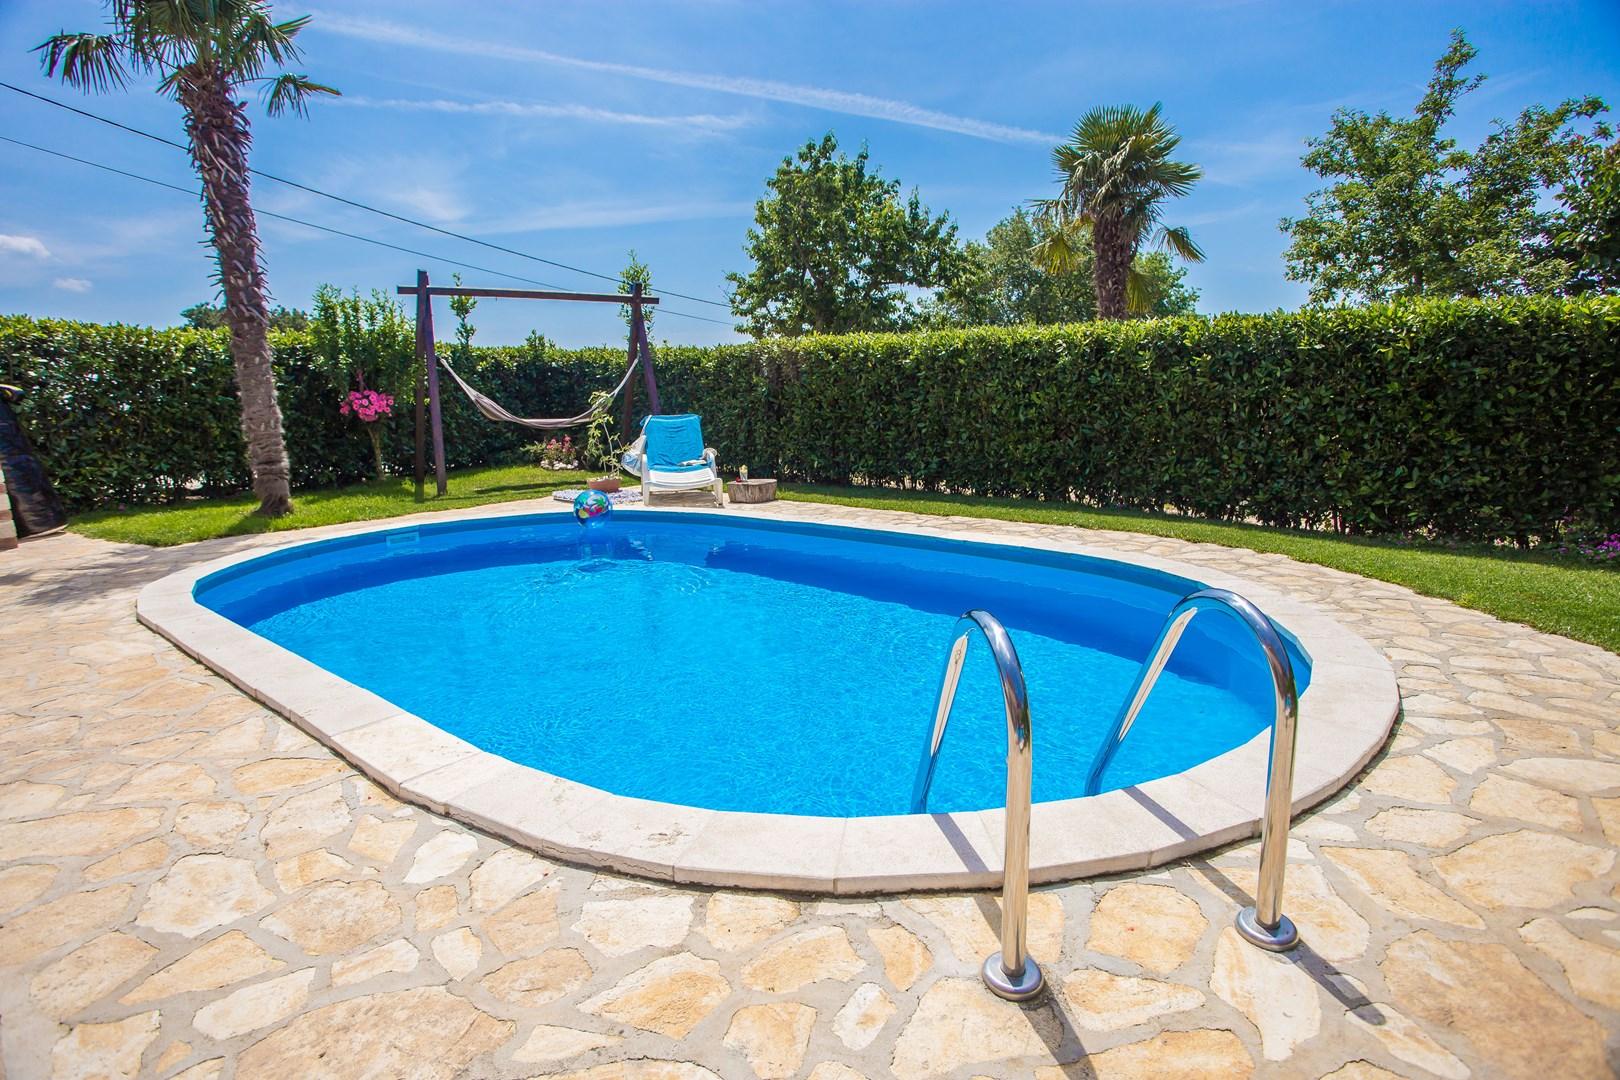 Ferienhaus Marinela mit privatem Pool (1412599), Kanfanar, , Istrien, Kroatien, Bild 17